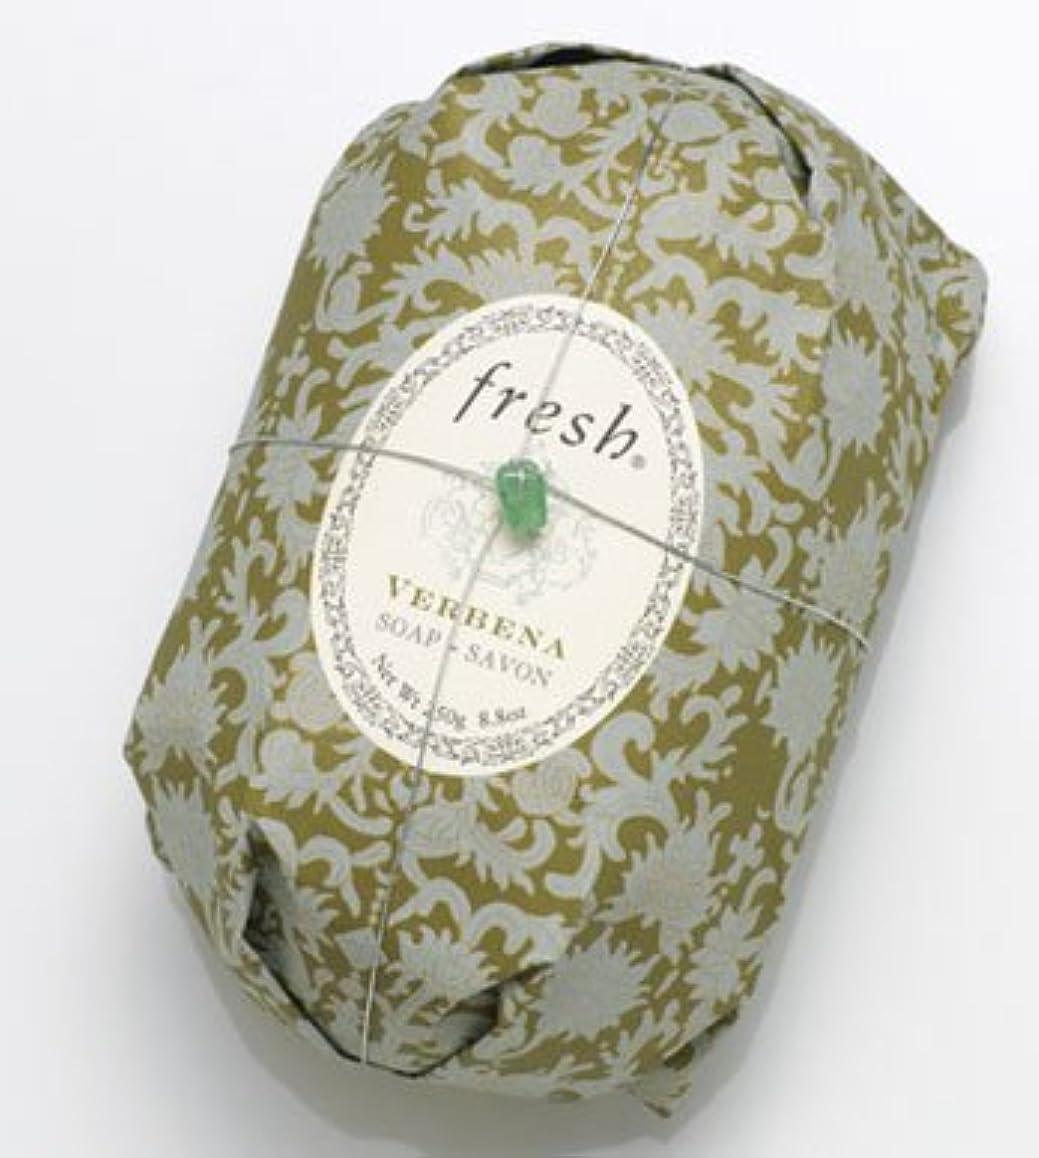 些細動詞嫌がるFresh VERBENA SOAP (フレッシュ バーベナ ソープ) 8.8 oz (250g) Soap (石鹸) by Fresh